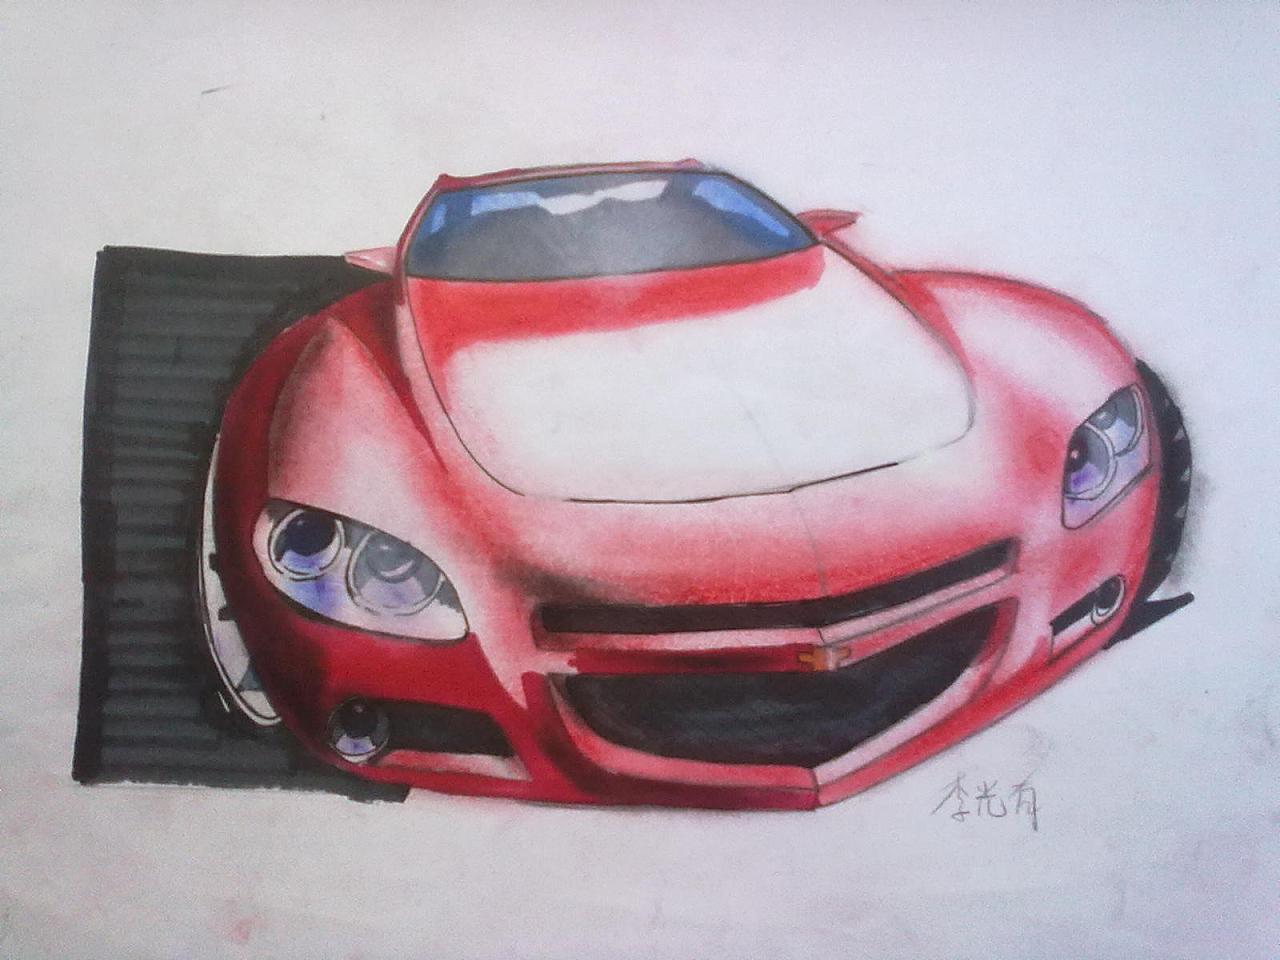 手绘汽车|工业/产品|交通工具|ganule - 原创作品